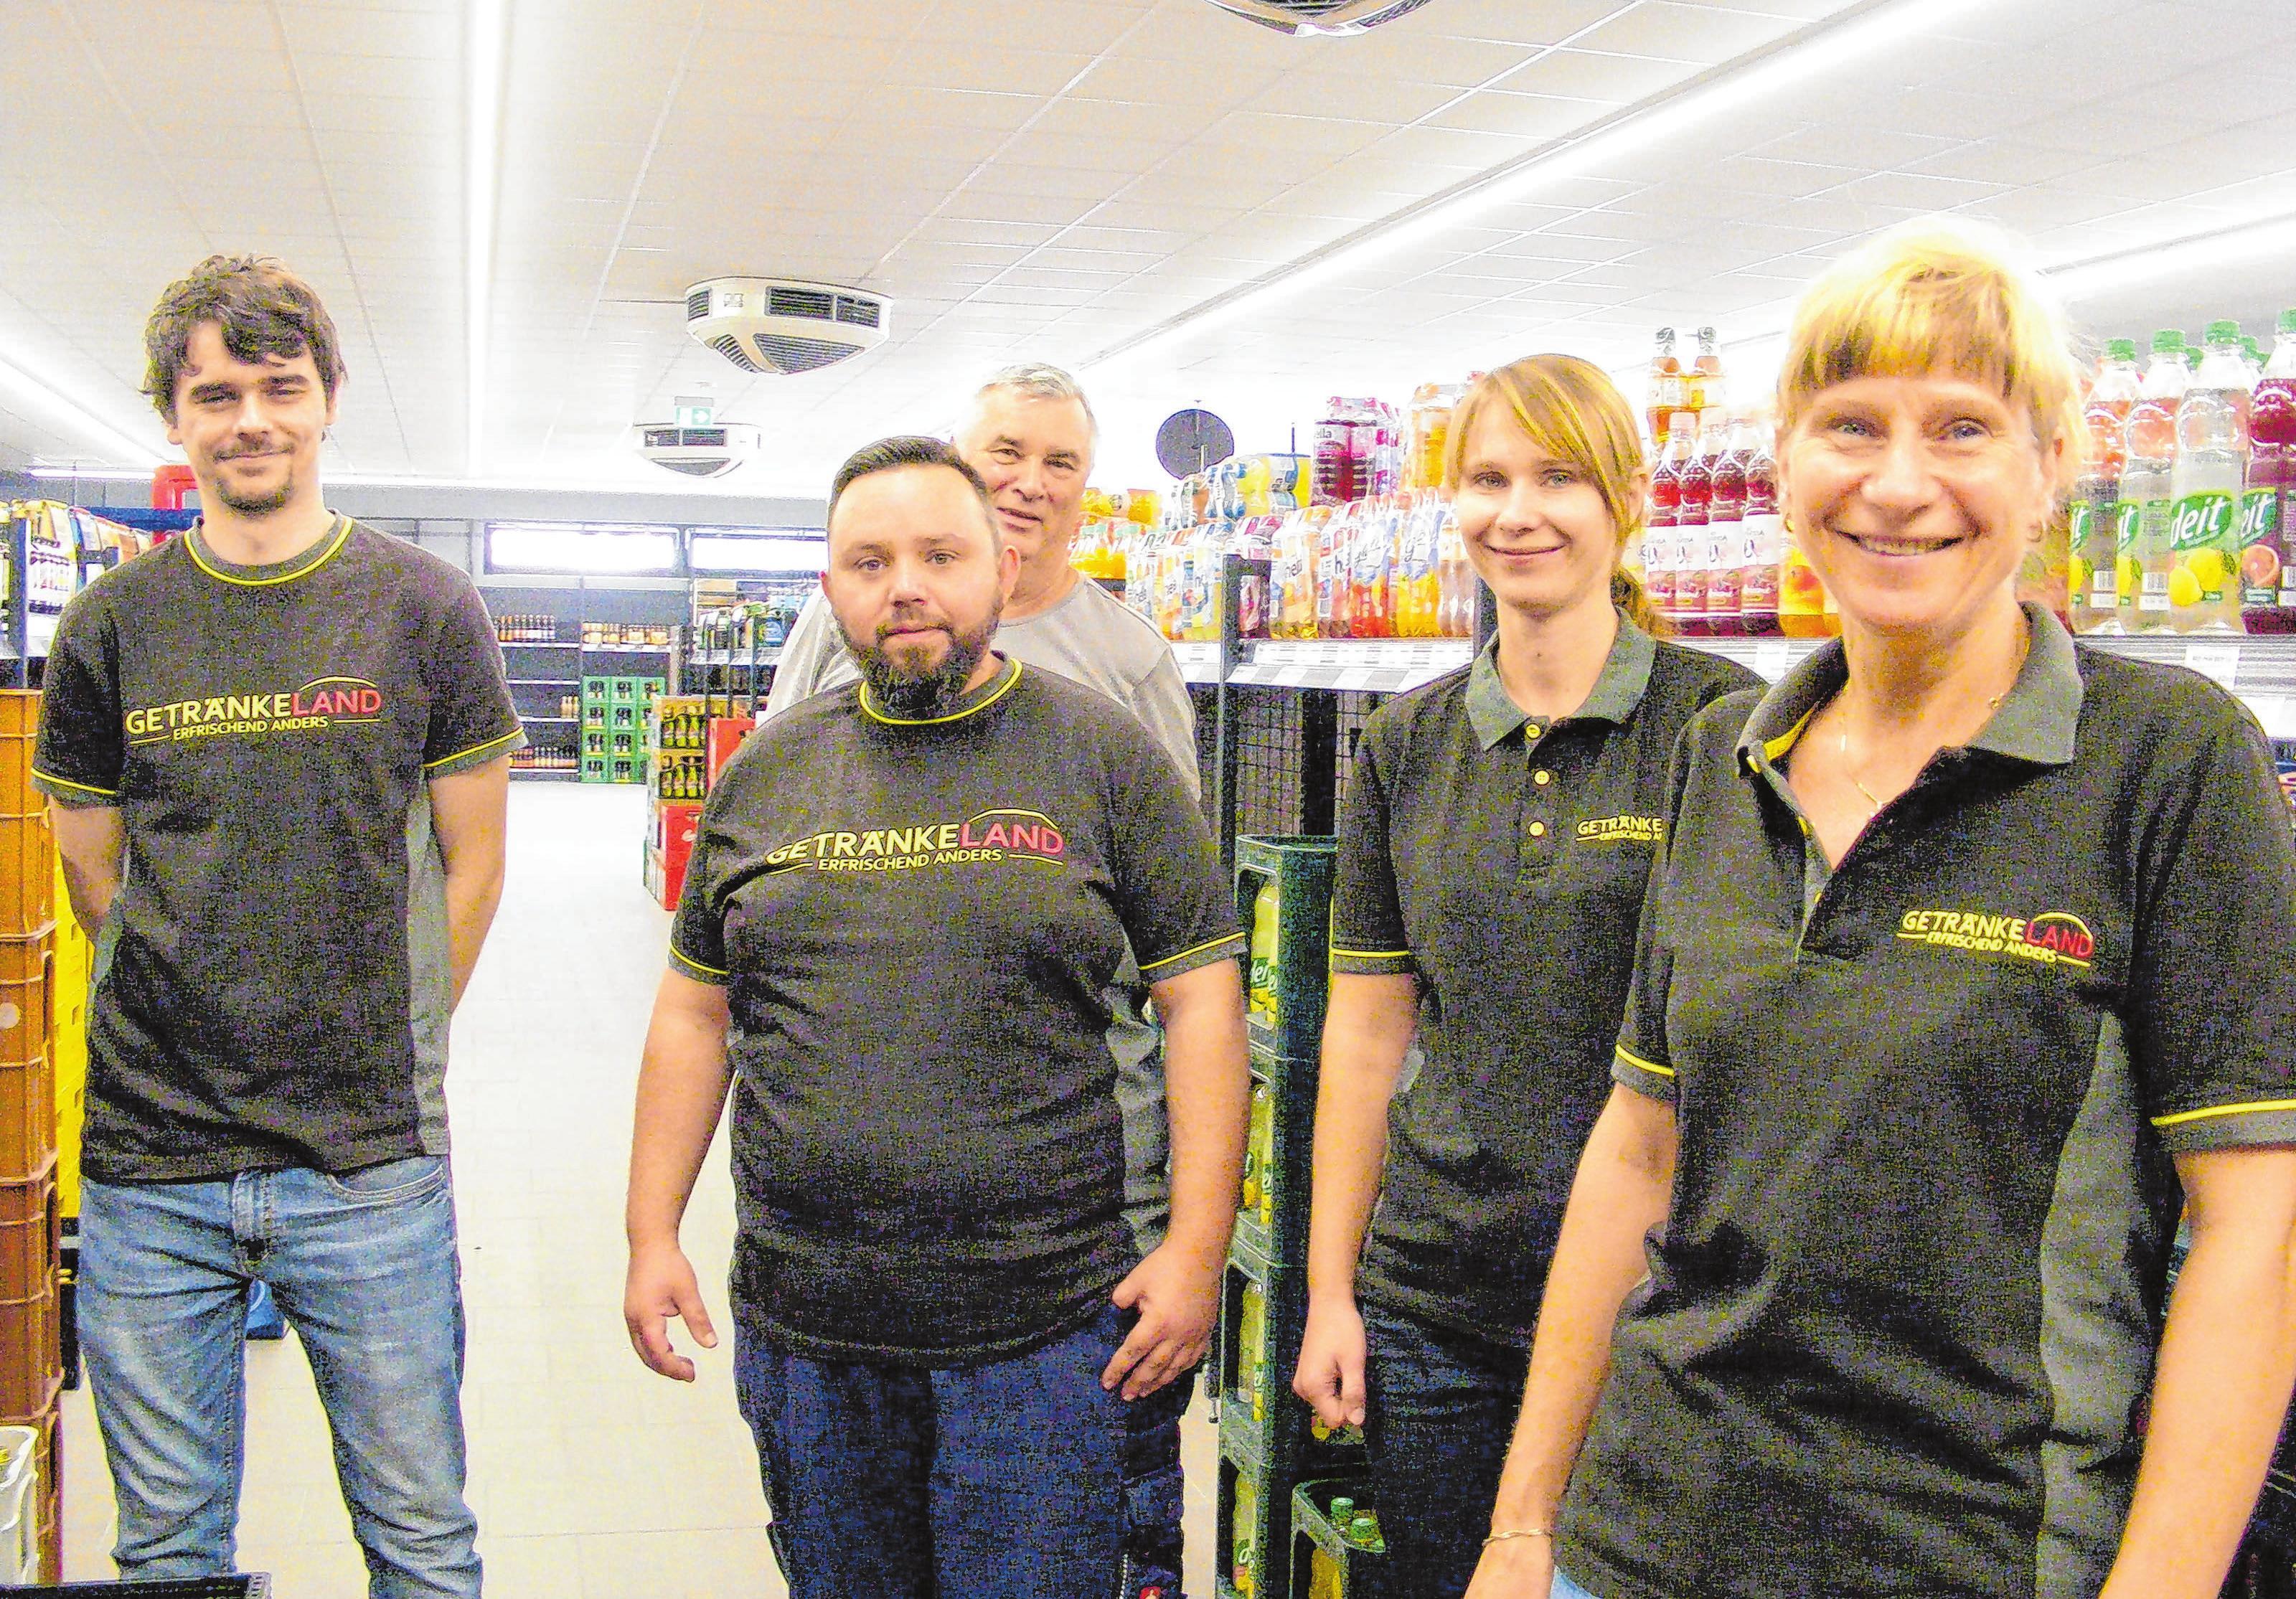 Getränkemarkt zum Curland: Der Neubau ist vollendet. Doreen Eggert (re.) und ihr Team freuen sich auf die Eröffnung am 27. August in der Curlandstraße 7. Fotos: D. Zamzow